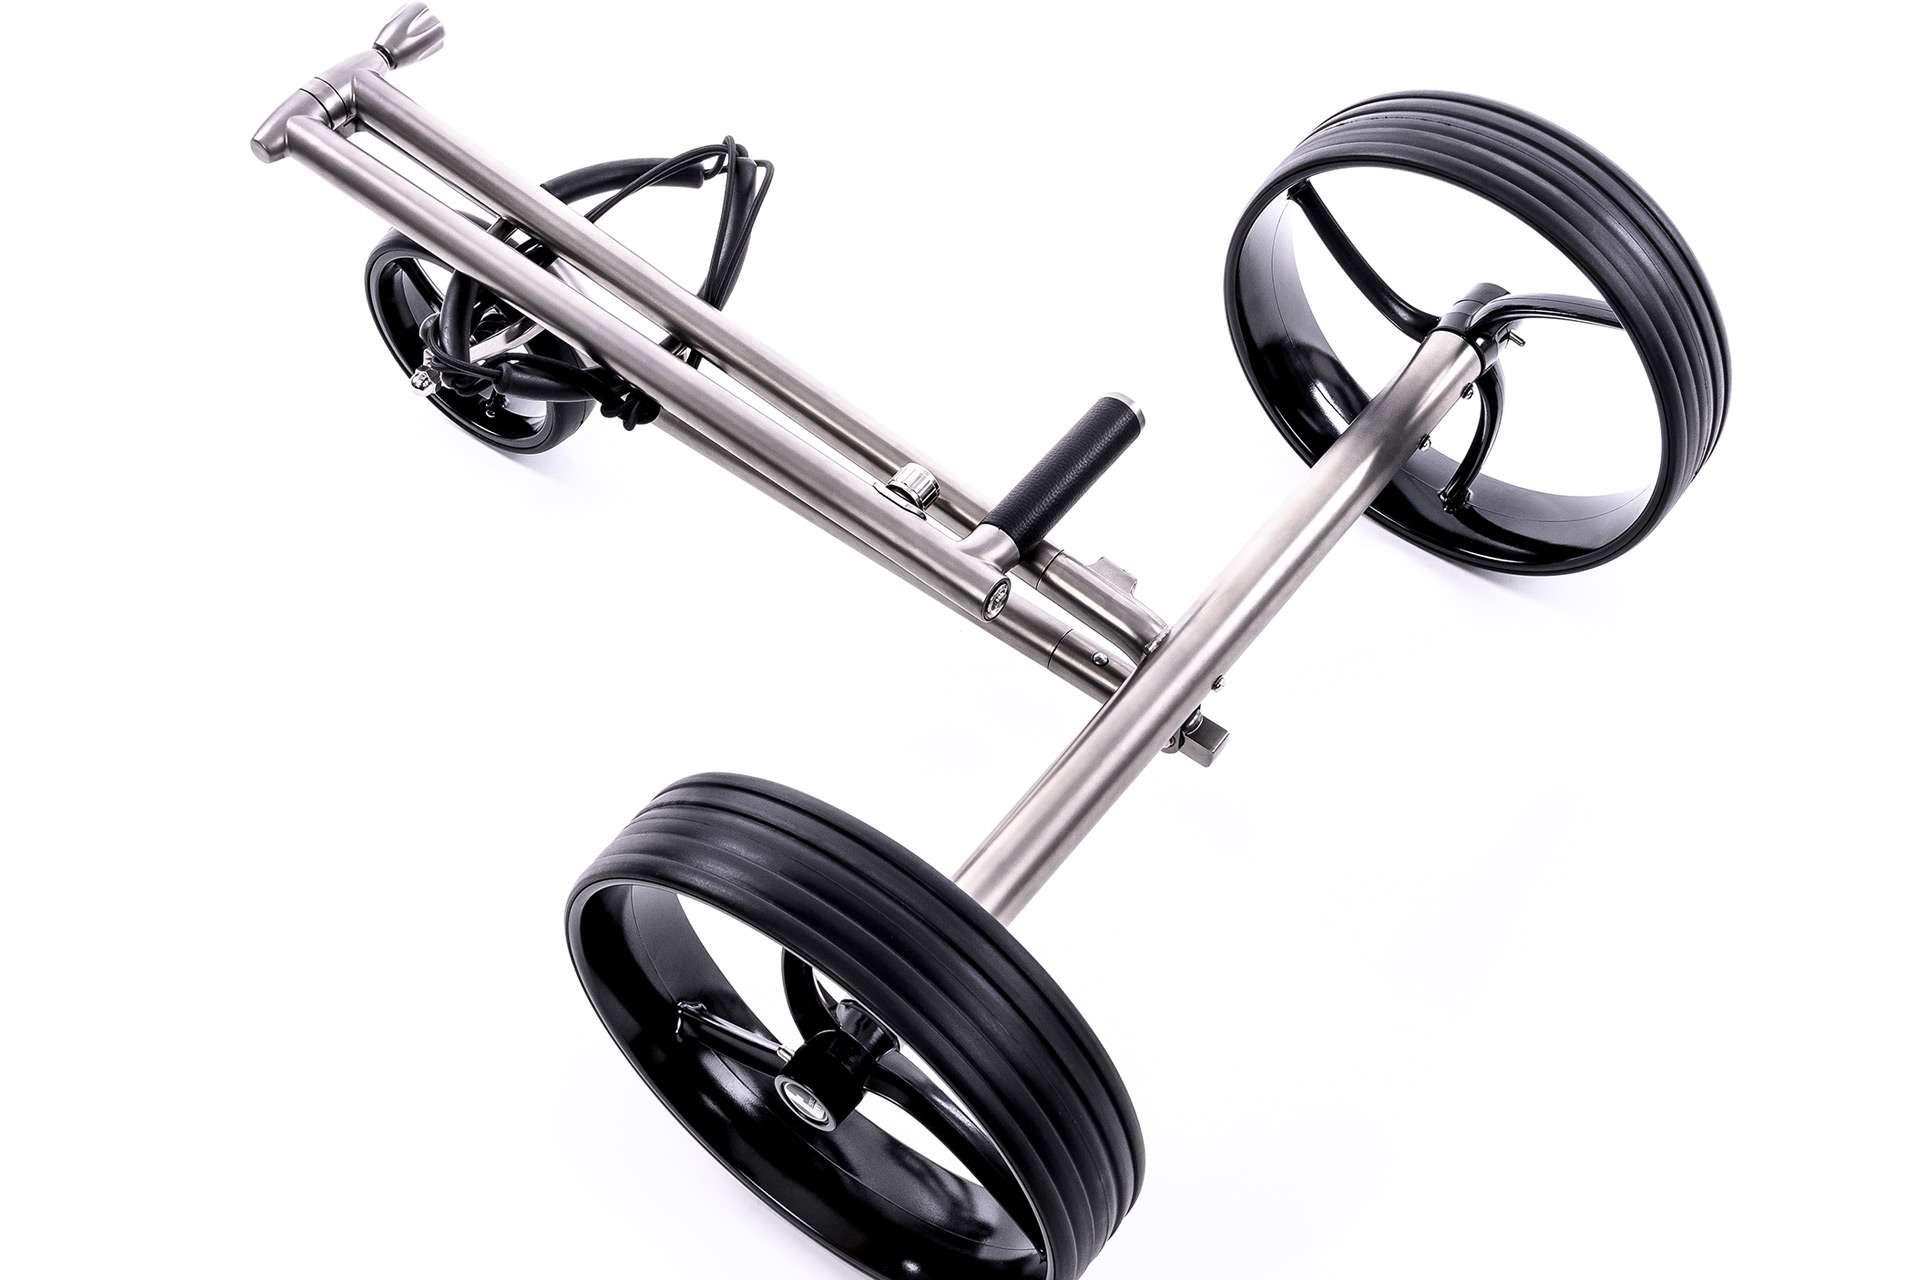 GALAXY Titan Elektro Golftrolley Klappsystem Griffstange zusammengeklappt